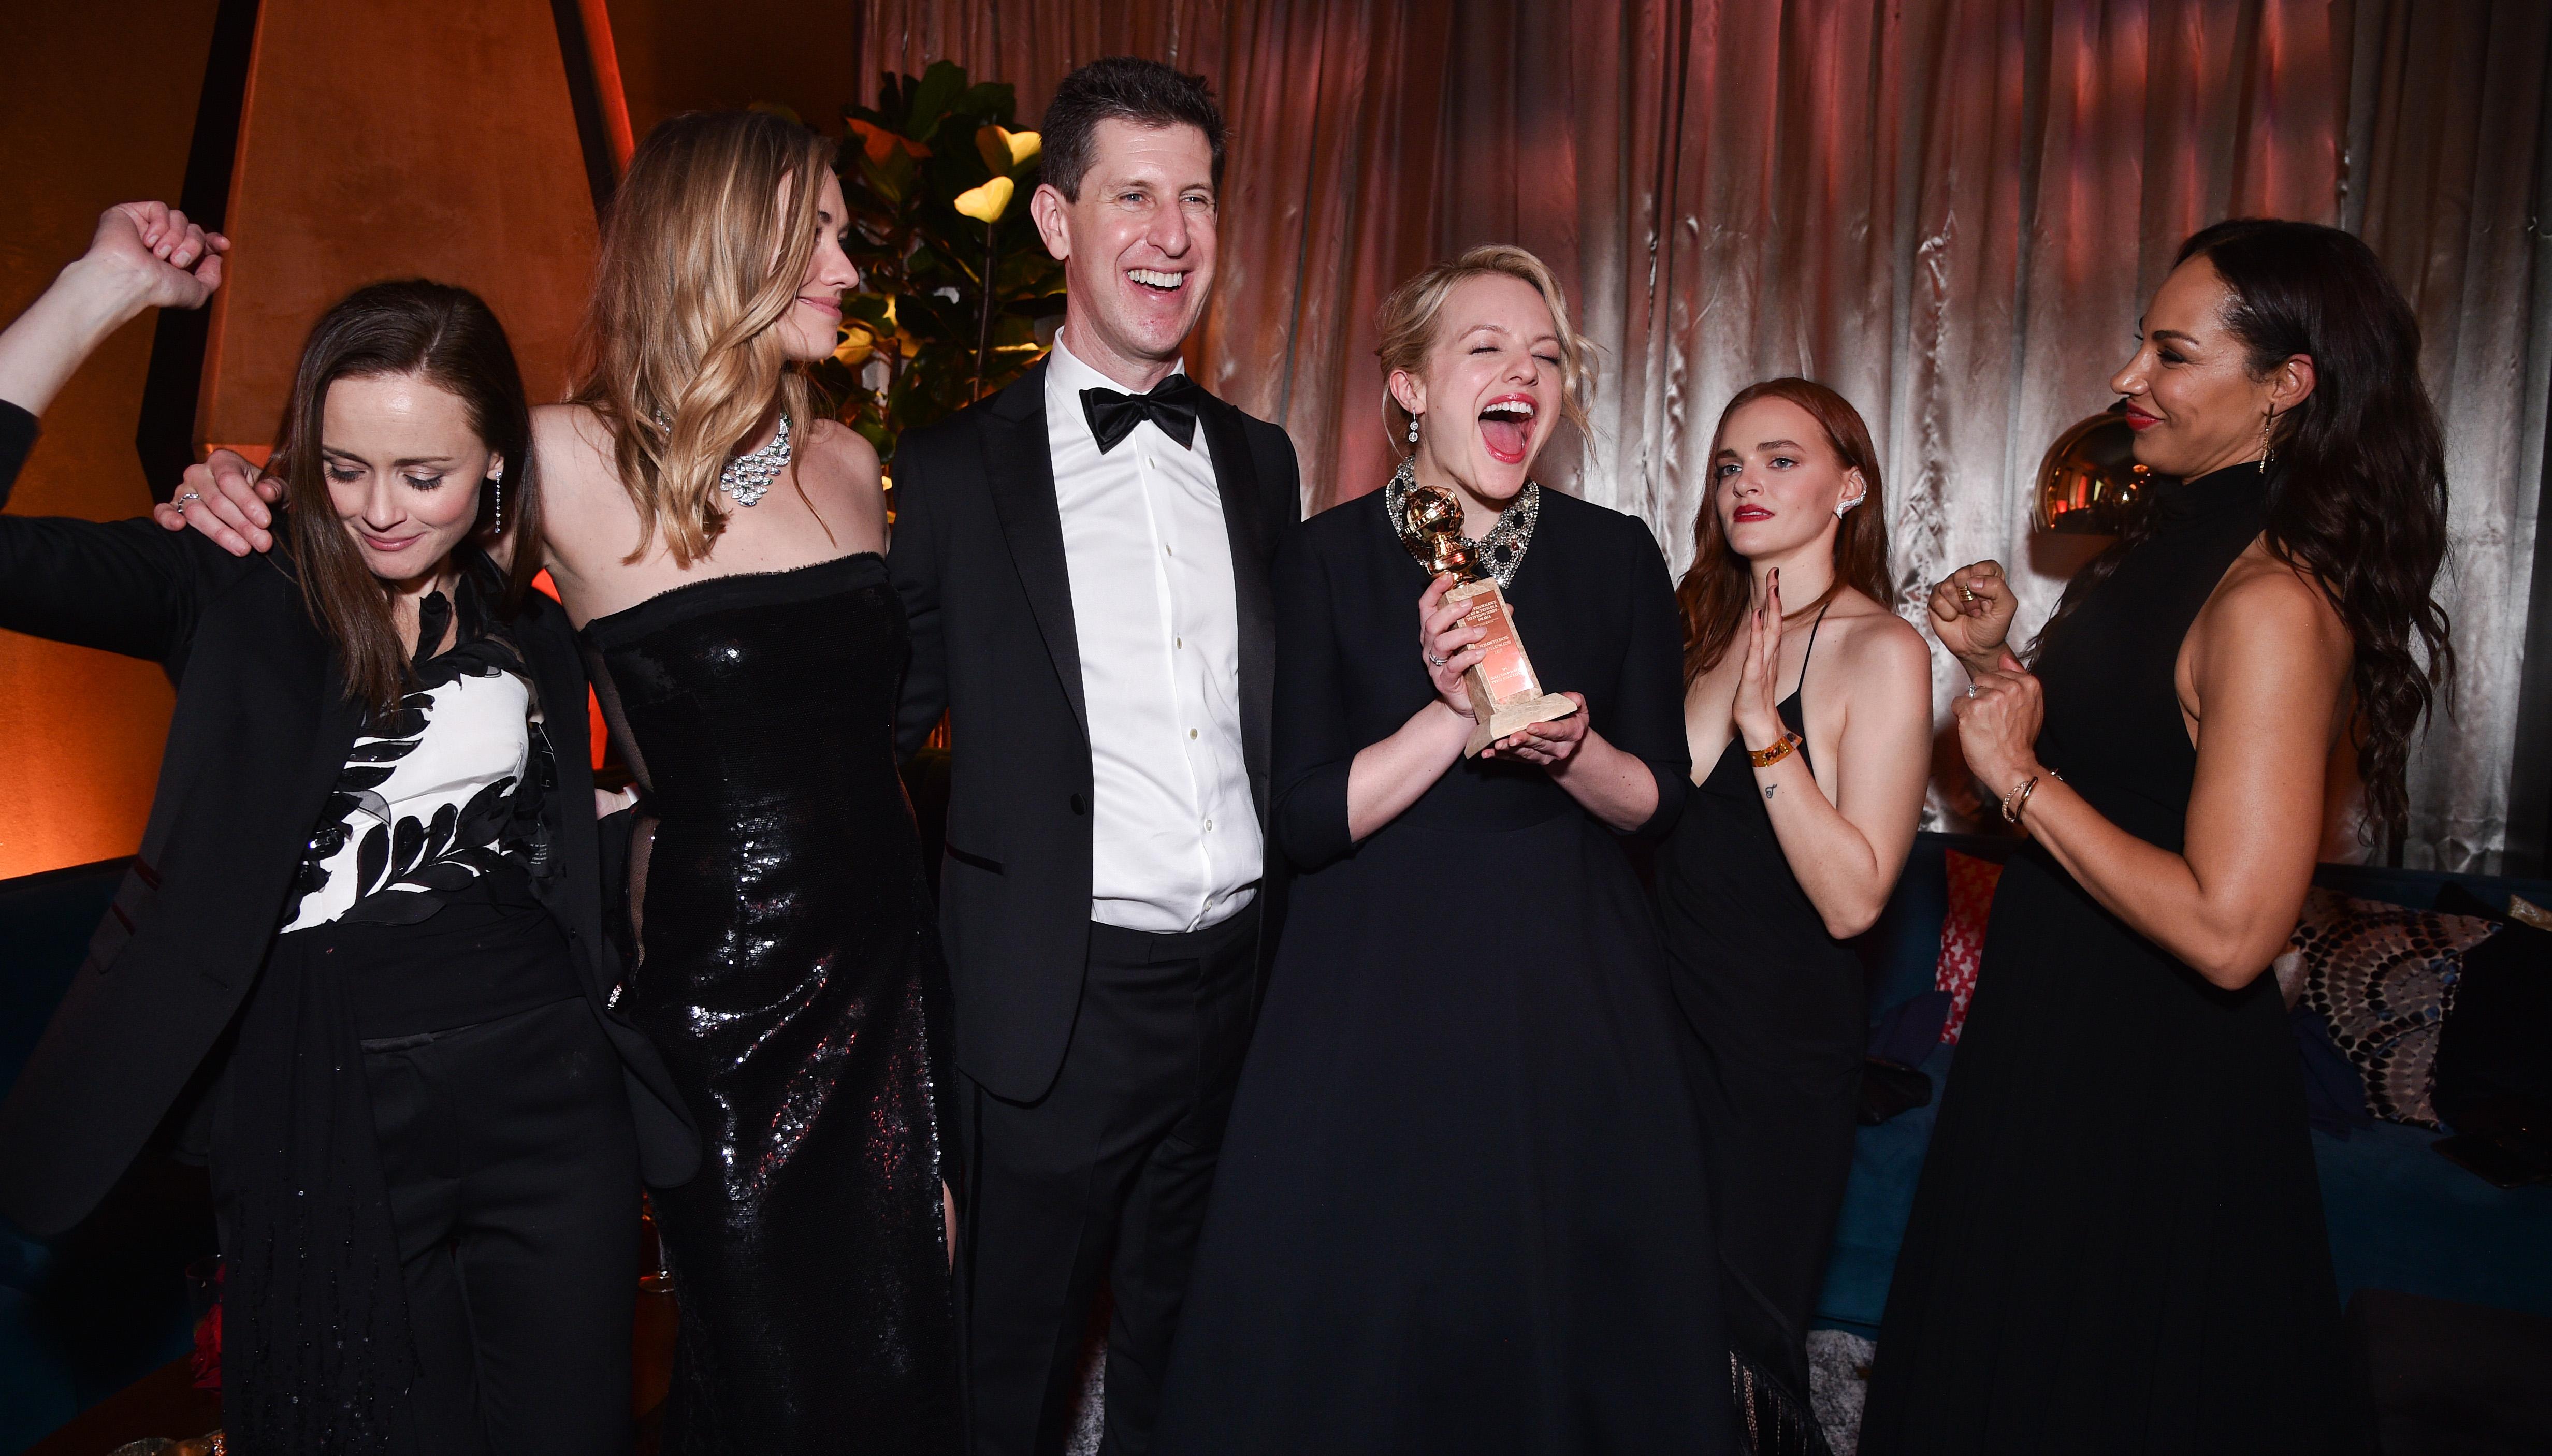 Alexis Bledel, Yvonne Strahovski, Craig Erwich, Elisabeth Moss, Madeline Brewer and Amanda BrugerFOX Golden Globes After Party, Inside, Los Angeles, USA - 07 Jan 2018